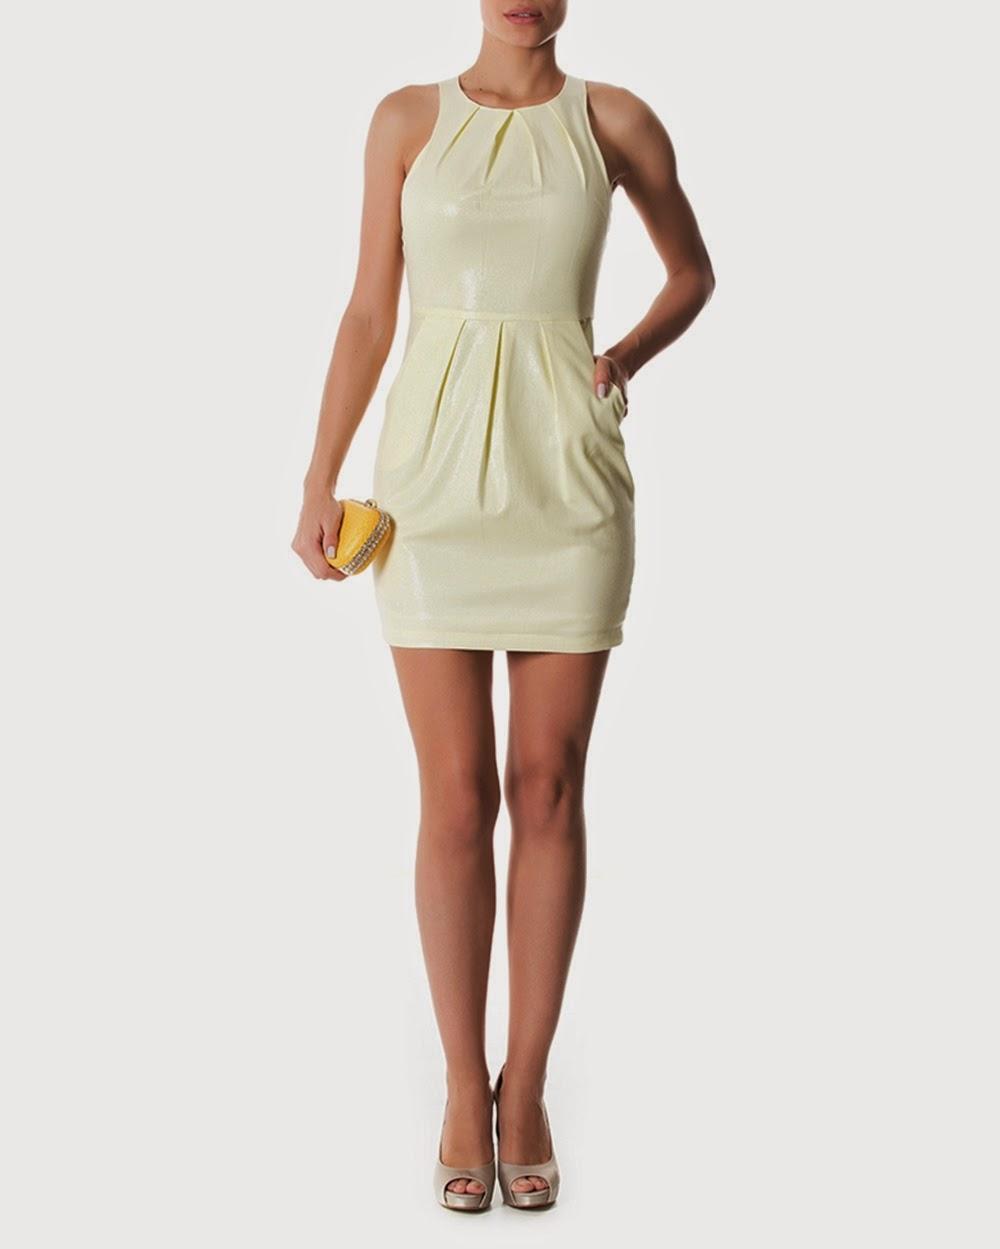 modelo de vestido tubinho neutro